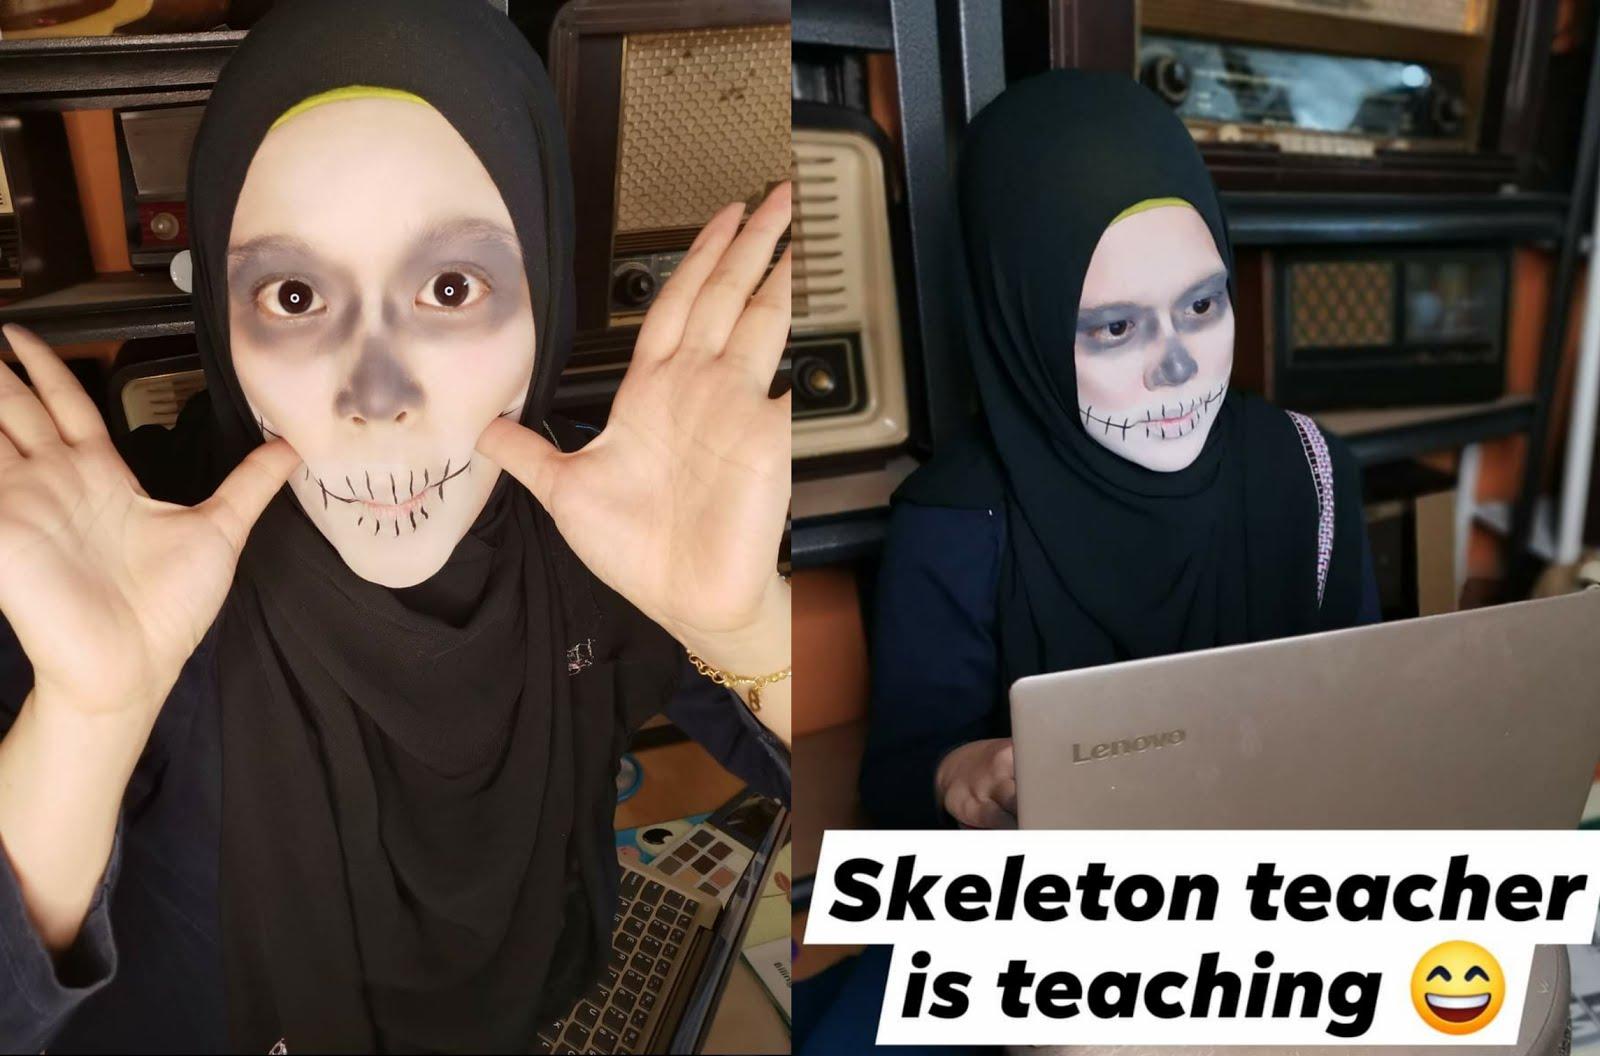 Teacher Skeleton